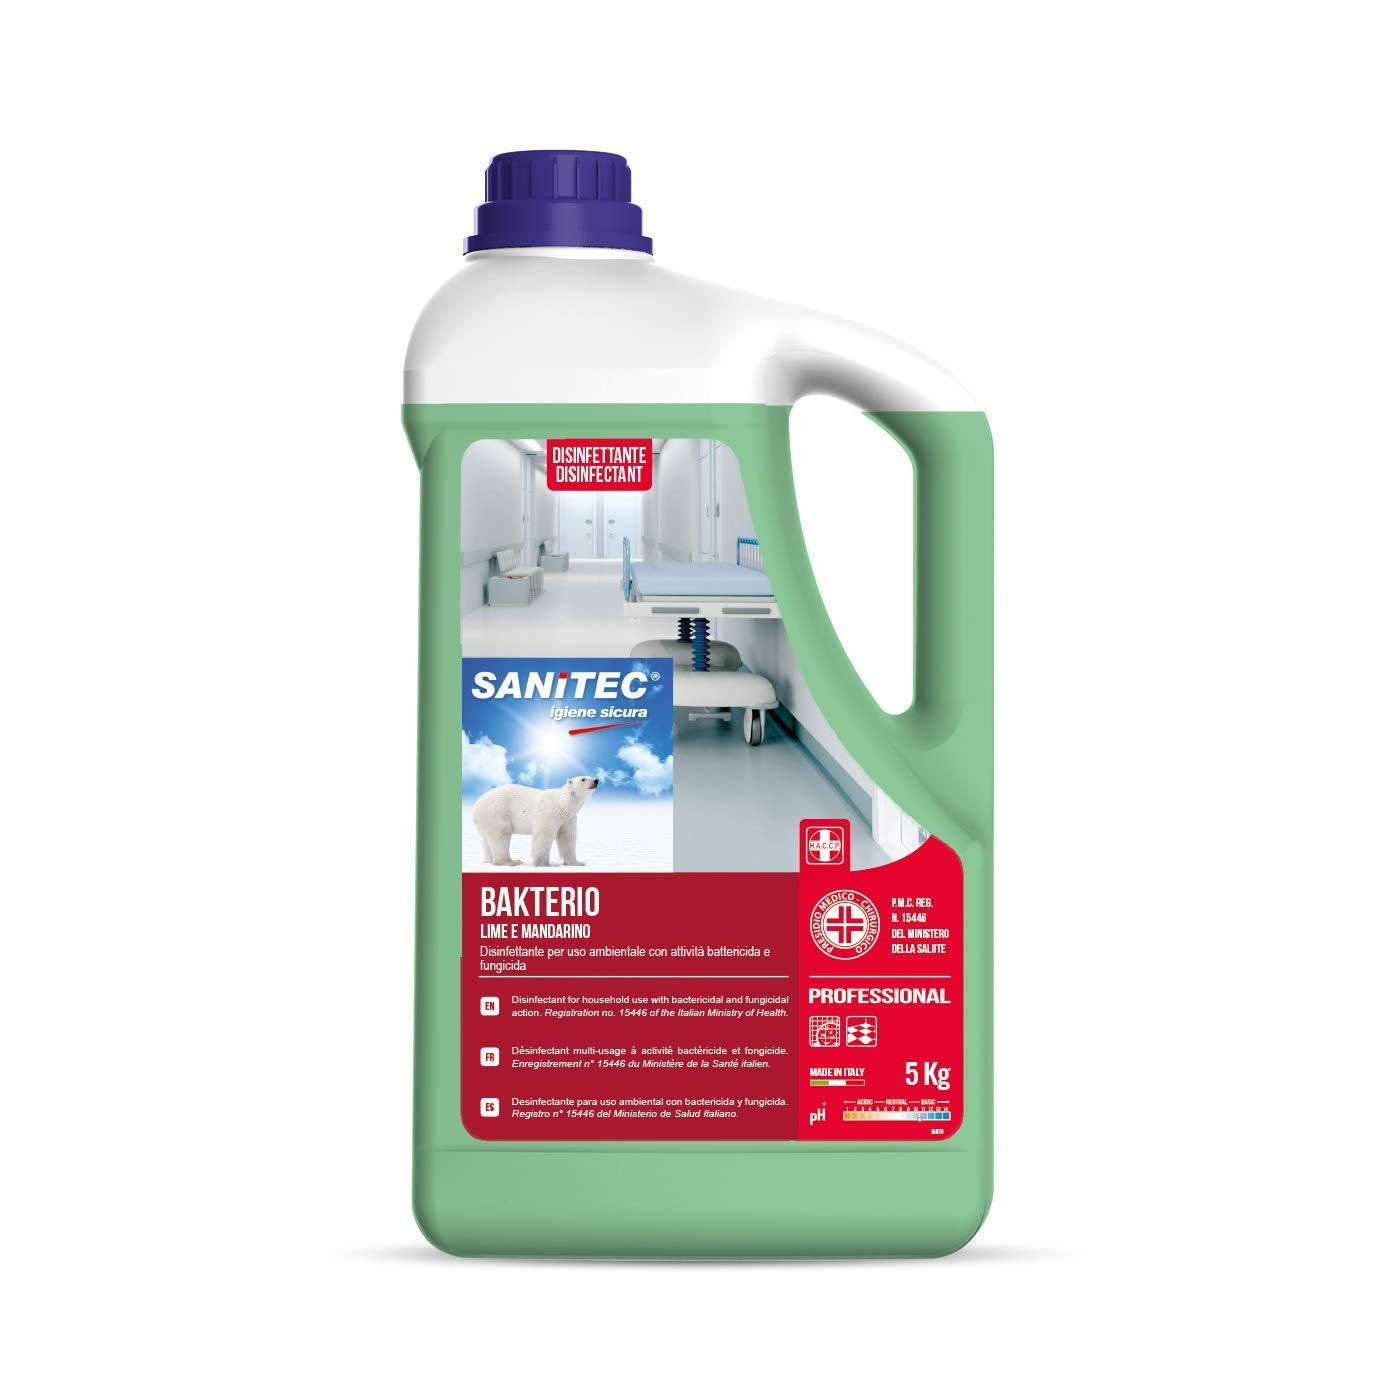 Bakterio - Disinfettante per Ambienti, 5 kg - Lime e Mandarino